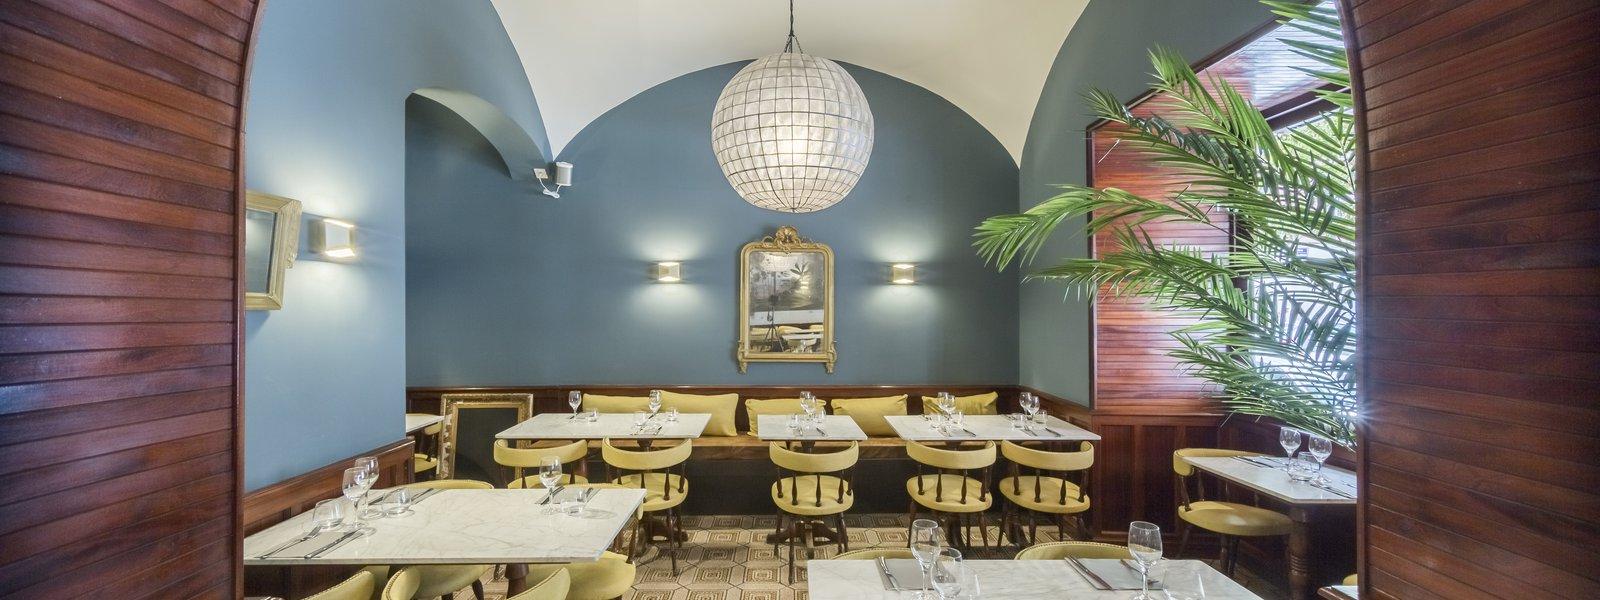 Le Café du Centre image header